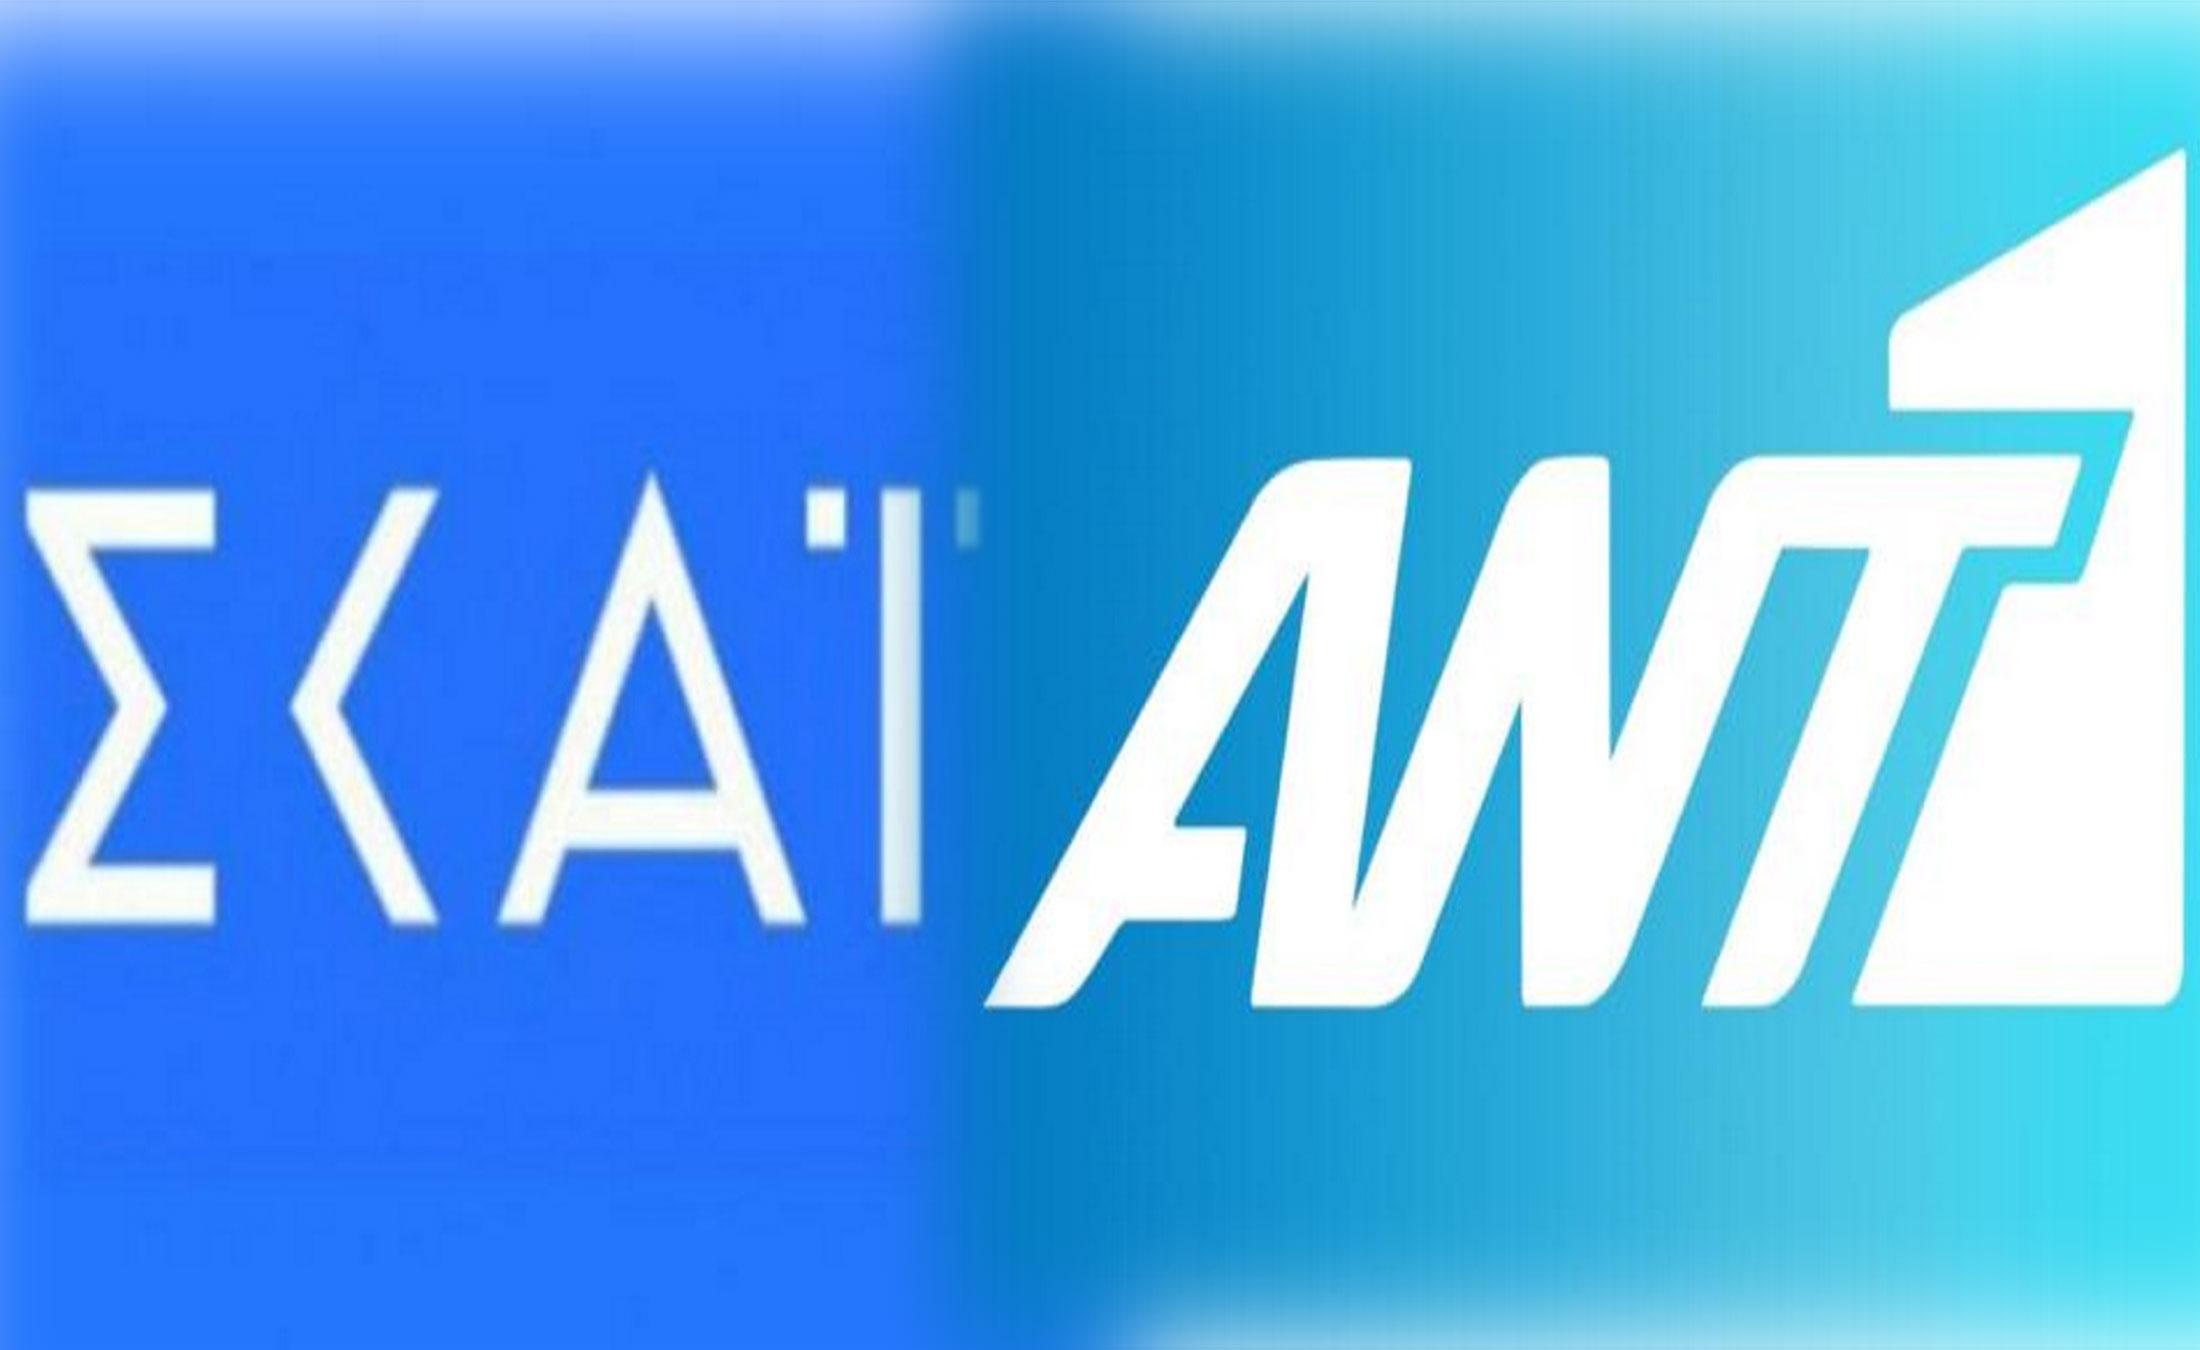 Ανατροπή! Γίνεται διπλοθεσίτισα σε ΑΝΤ1 και ΣΚΑΪ   Newsit.gr